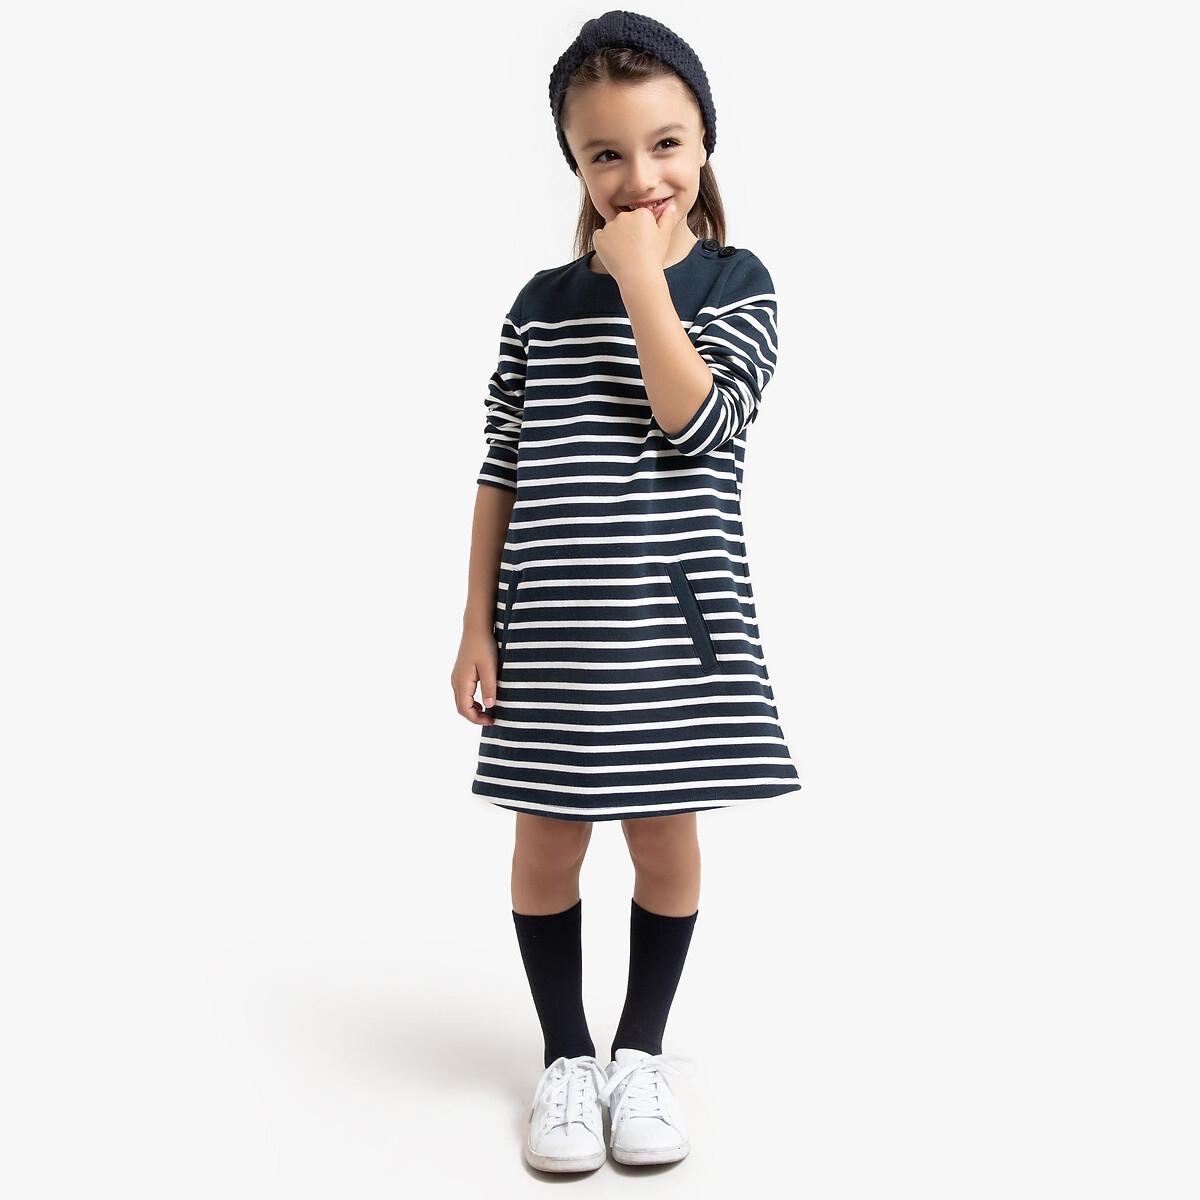 Фото - Платье LaRedoute Прямое из мольтона в полоску 3-12 лет 8 лет - 126 см другие рубашка laredoute джинсовая 3 12 лет 8 лет 126 см синий